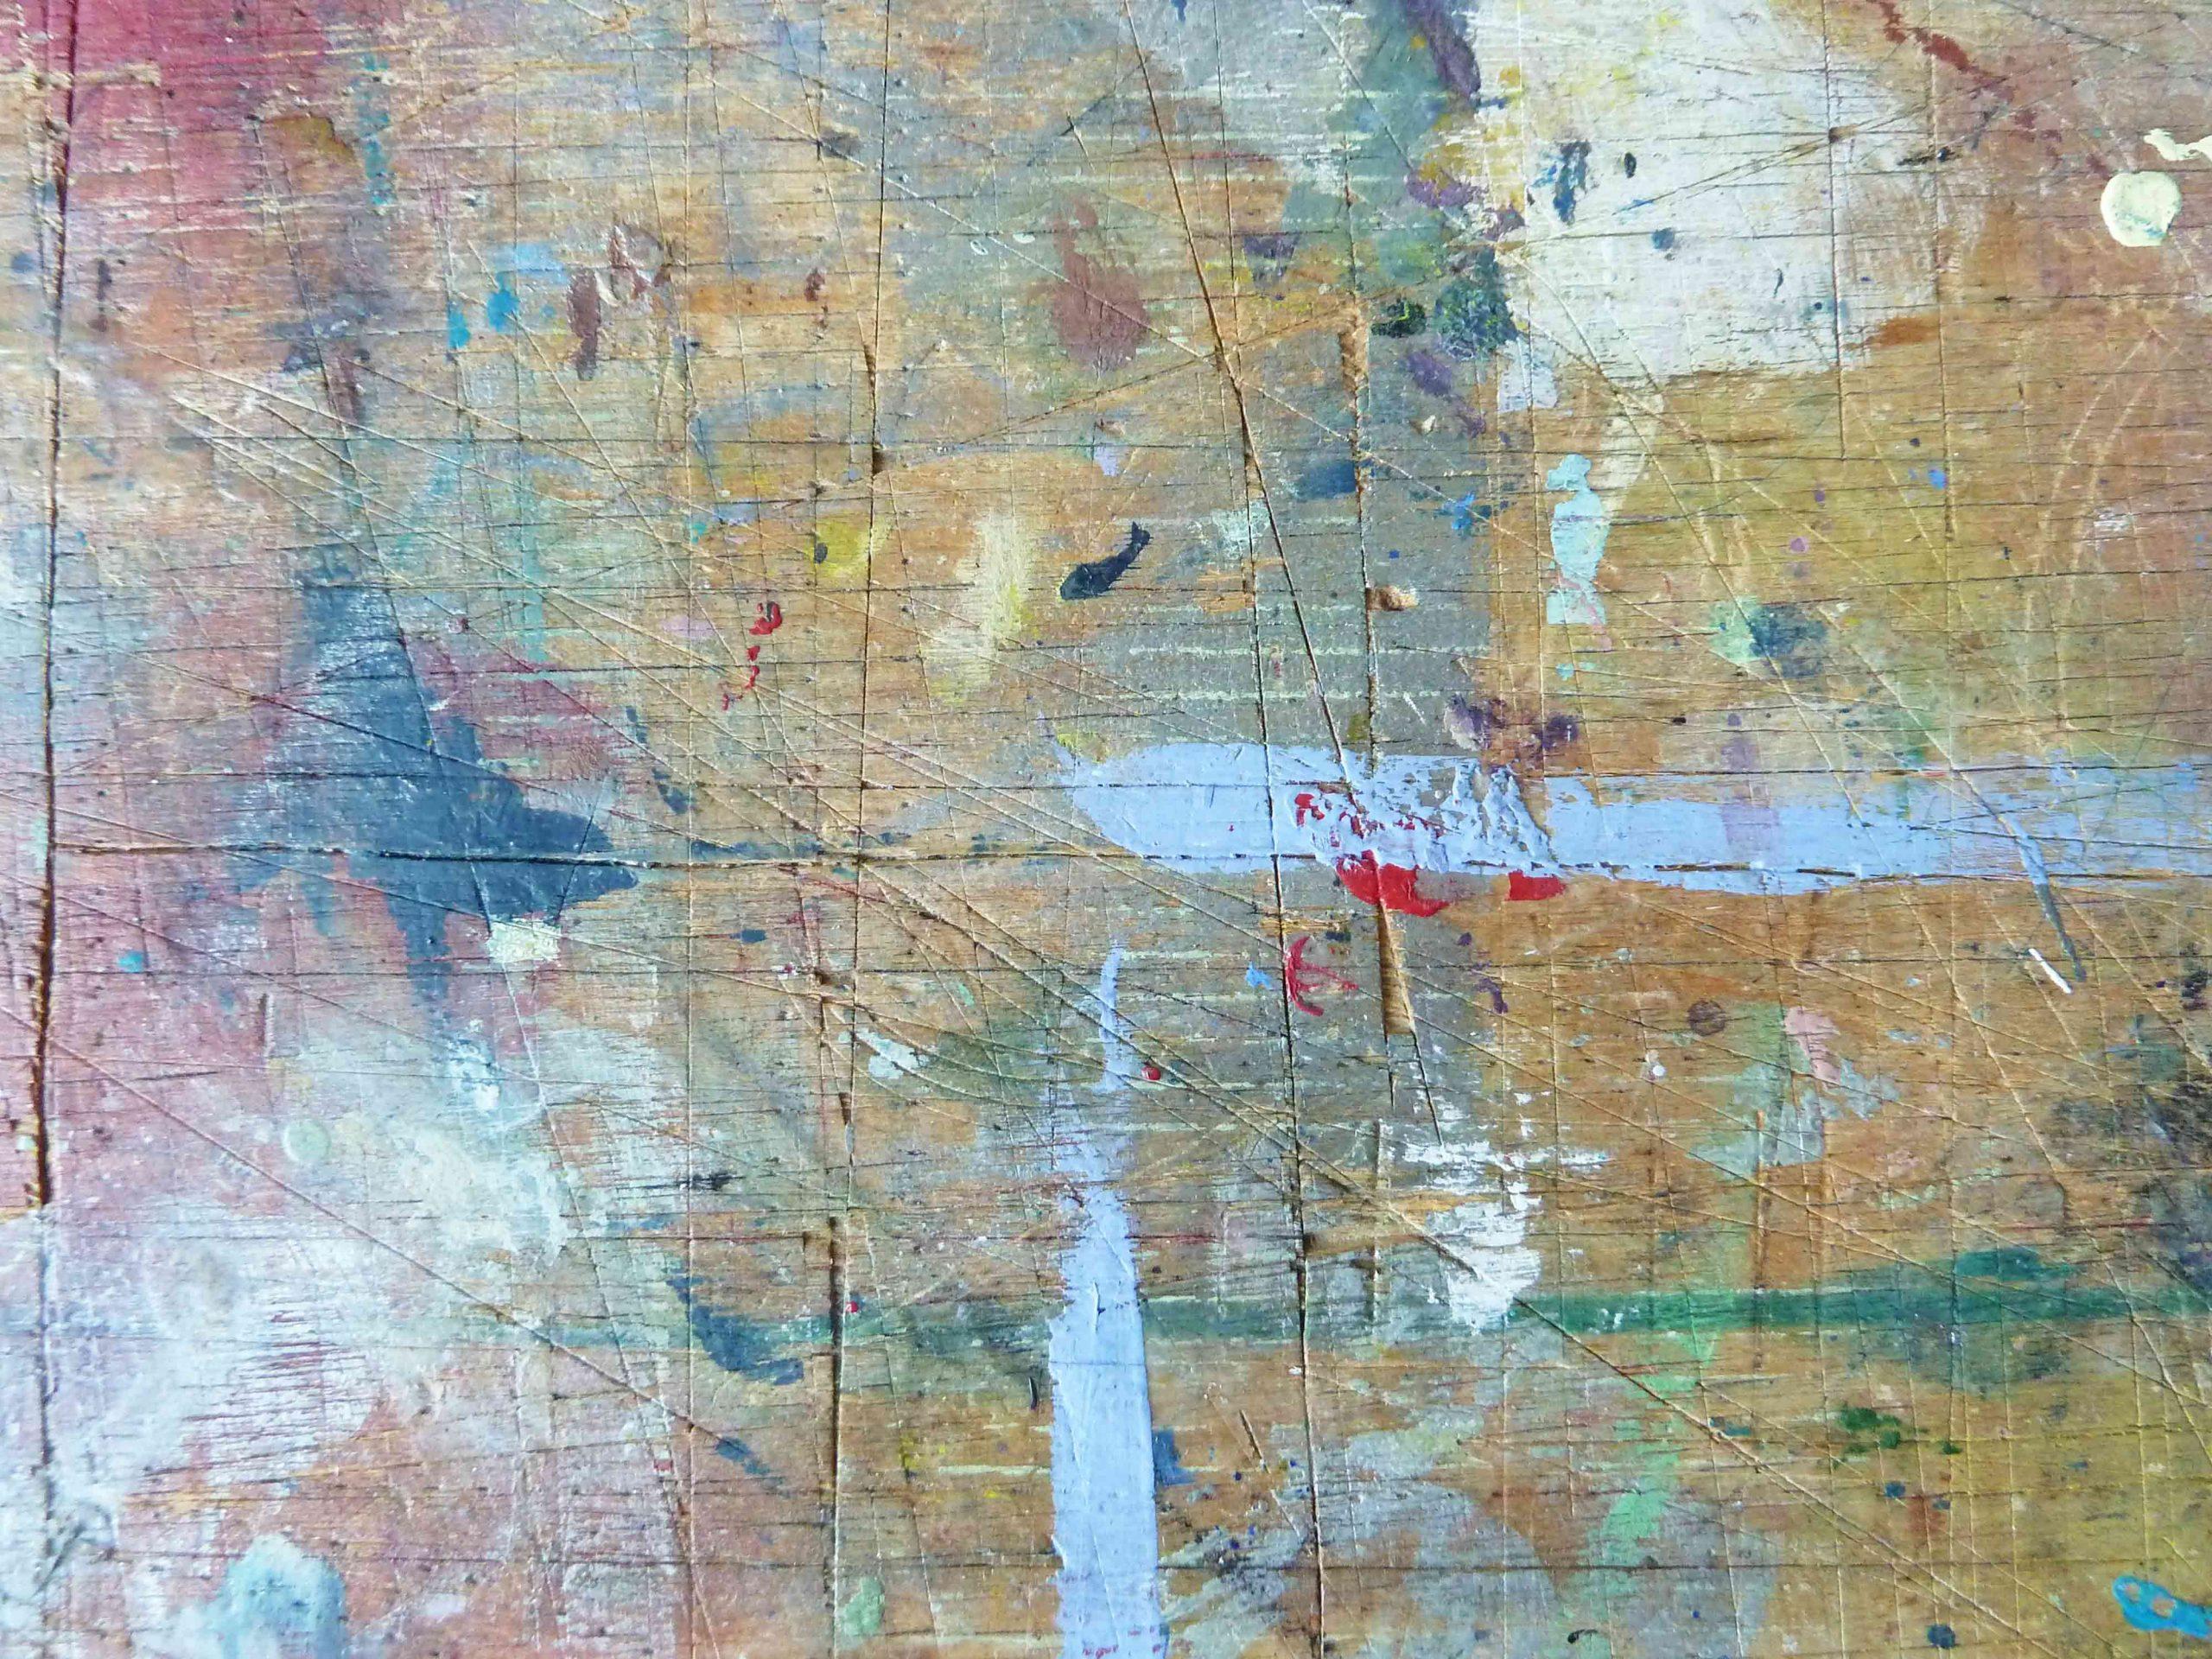 Ein Traum vom Sauraum Arbeitstisch im Atelier, Farbspuren auf der Holzplatte